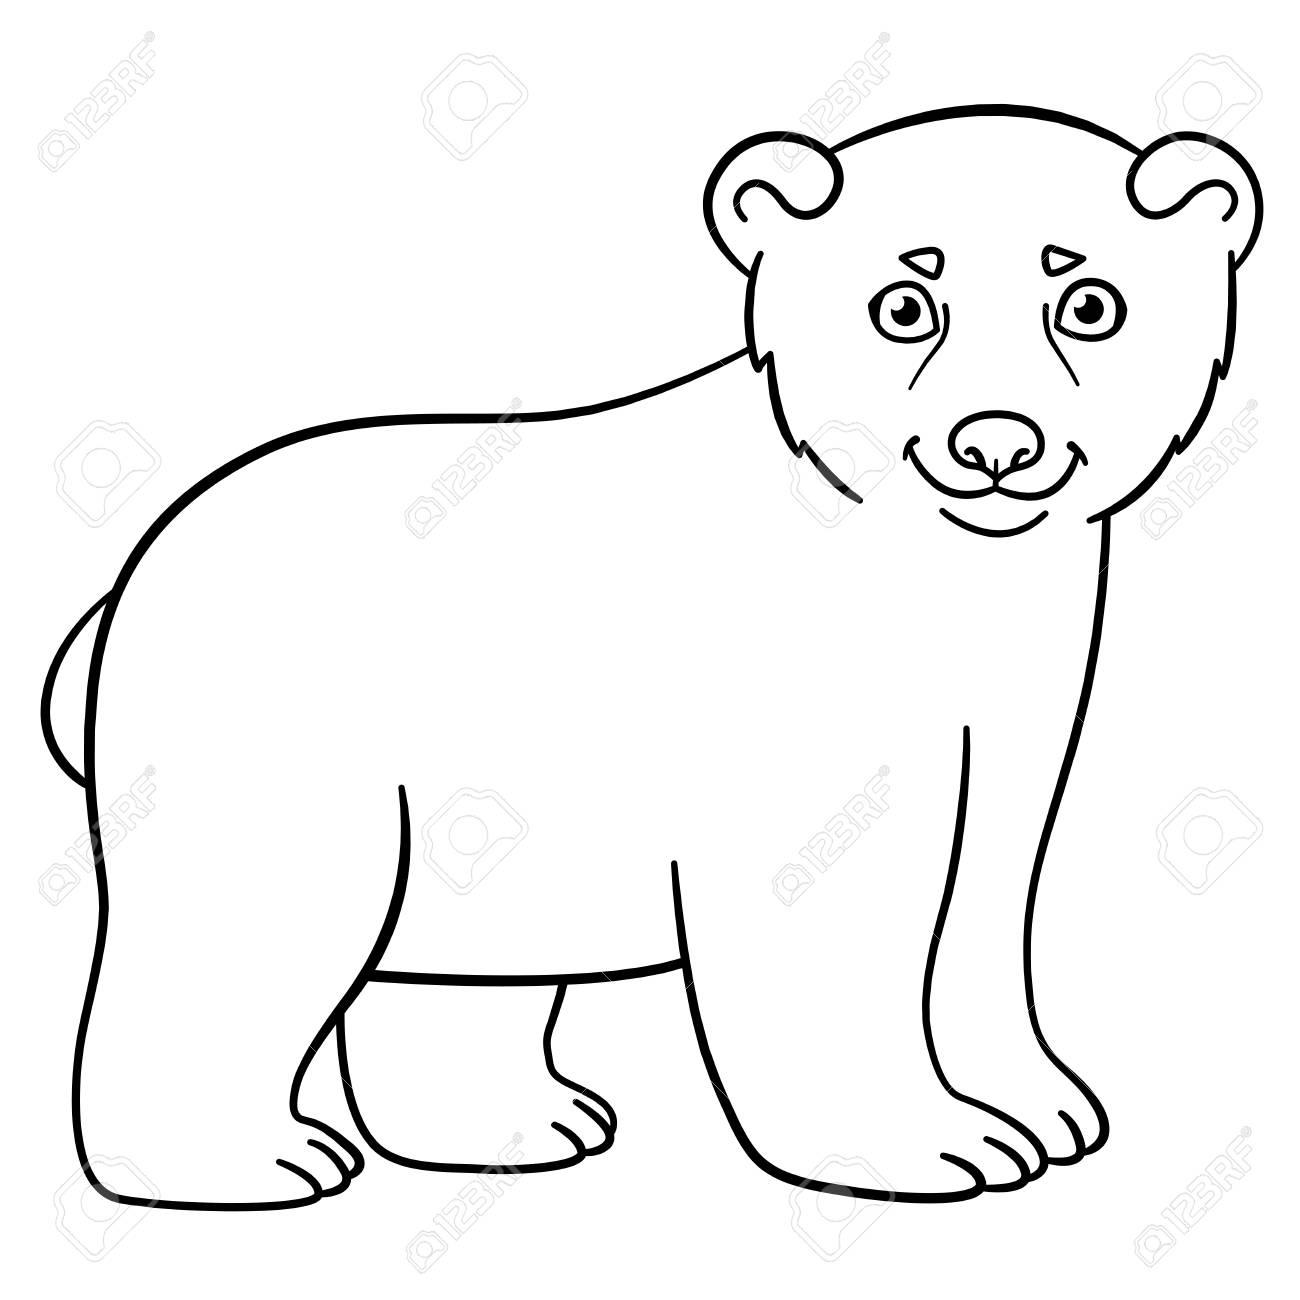 Paginas Para Colorear Sonrisitas Del Oso Polar Del Bebe Lindo